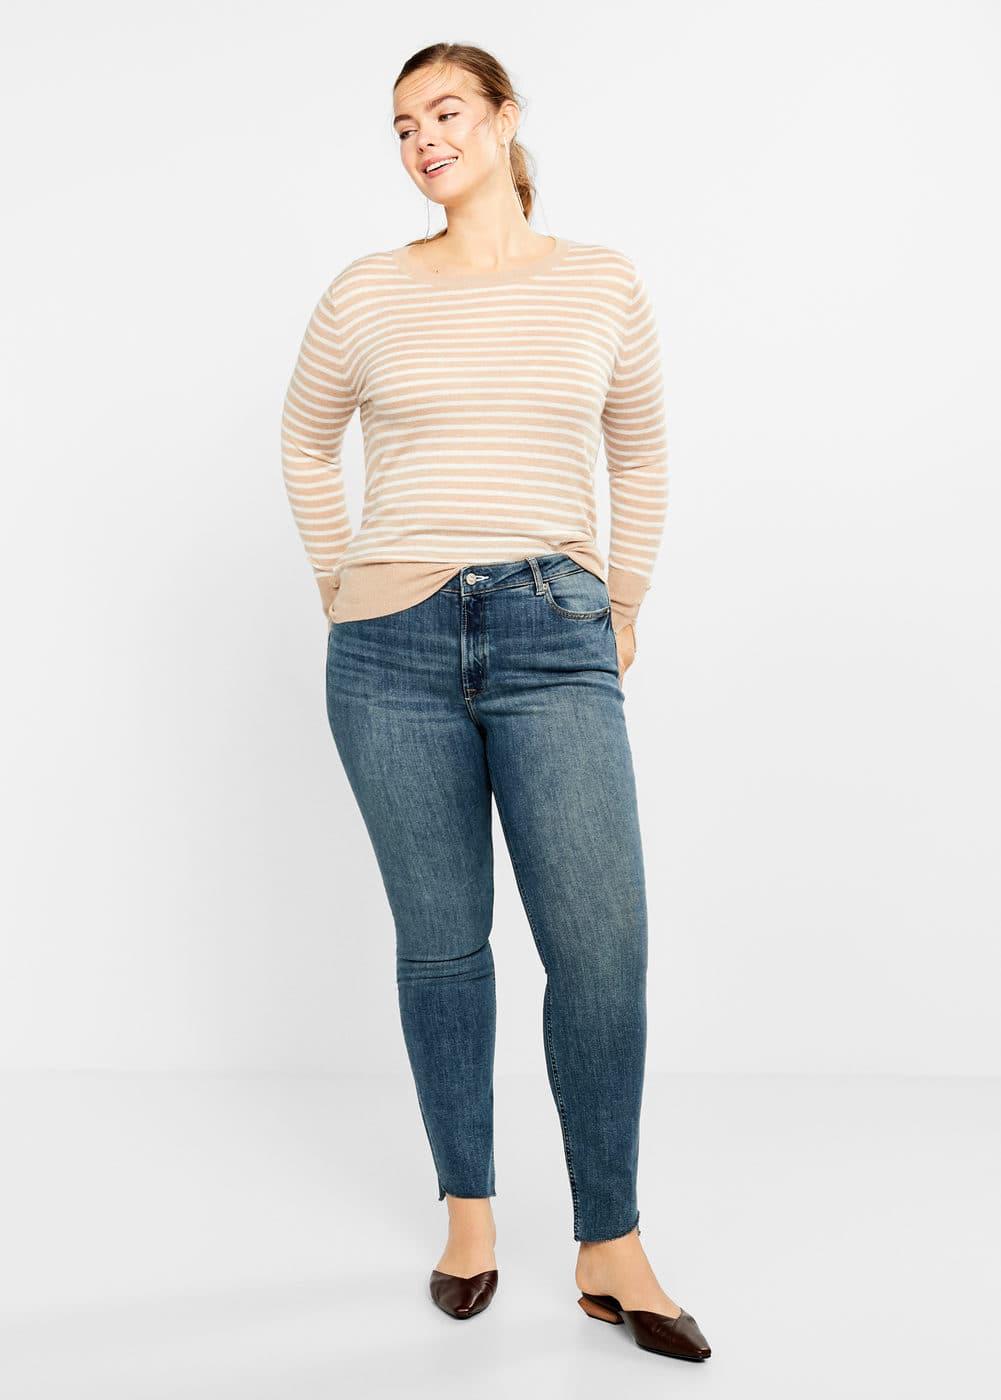 46ac498c9e2f Τζιν παντελόνι slim mariah - Μεγάλα μεγέθη